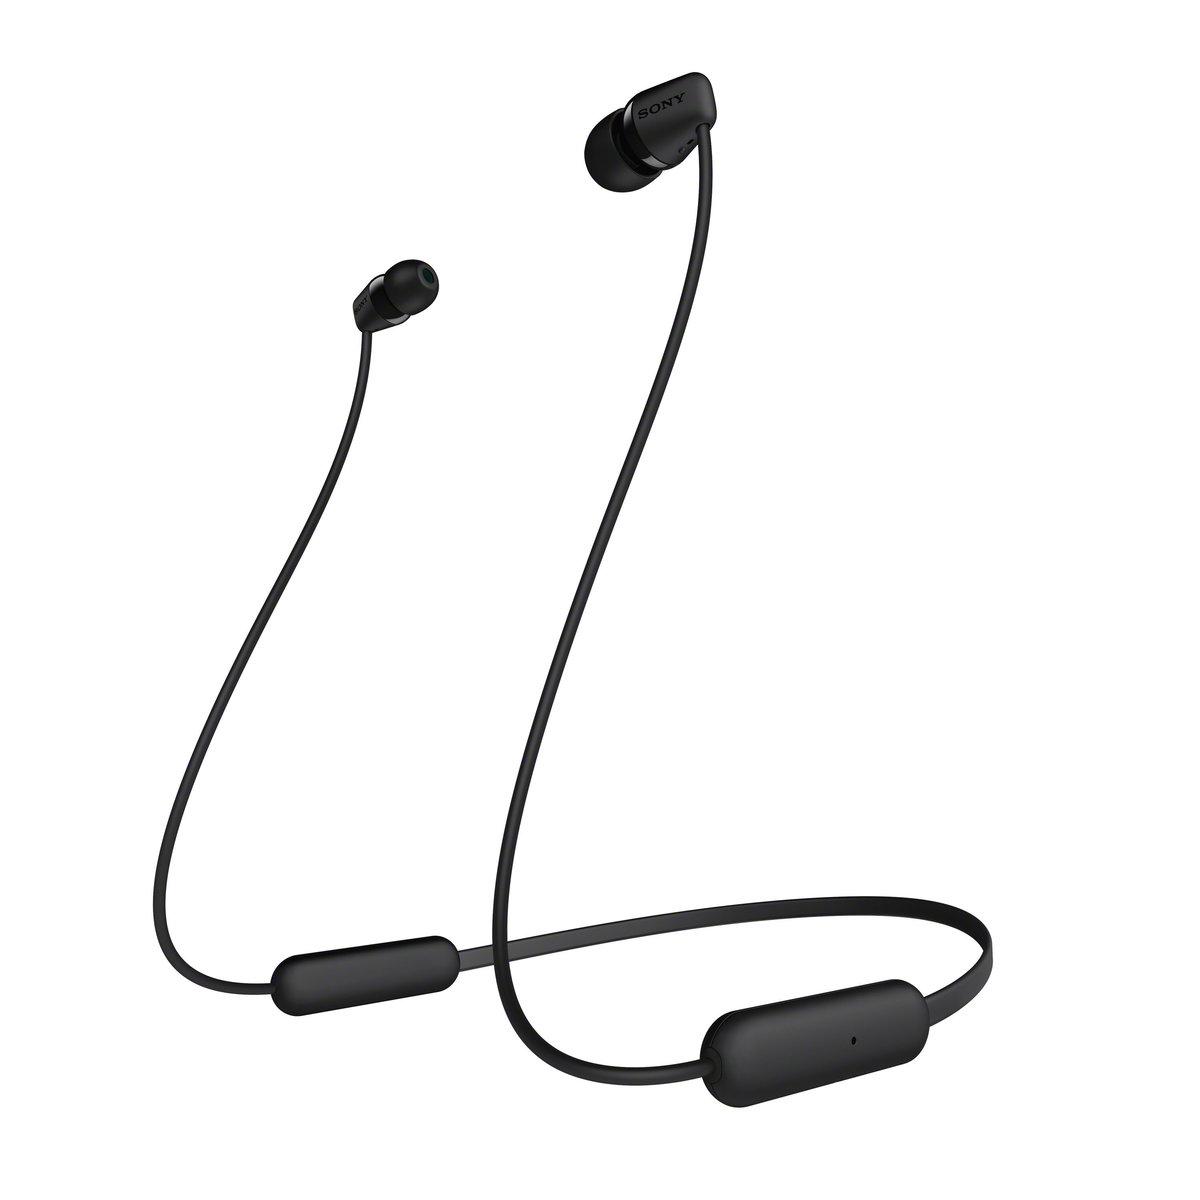 Wireless In-ear Headphone WI-C200 Black